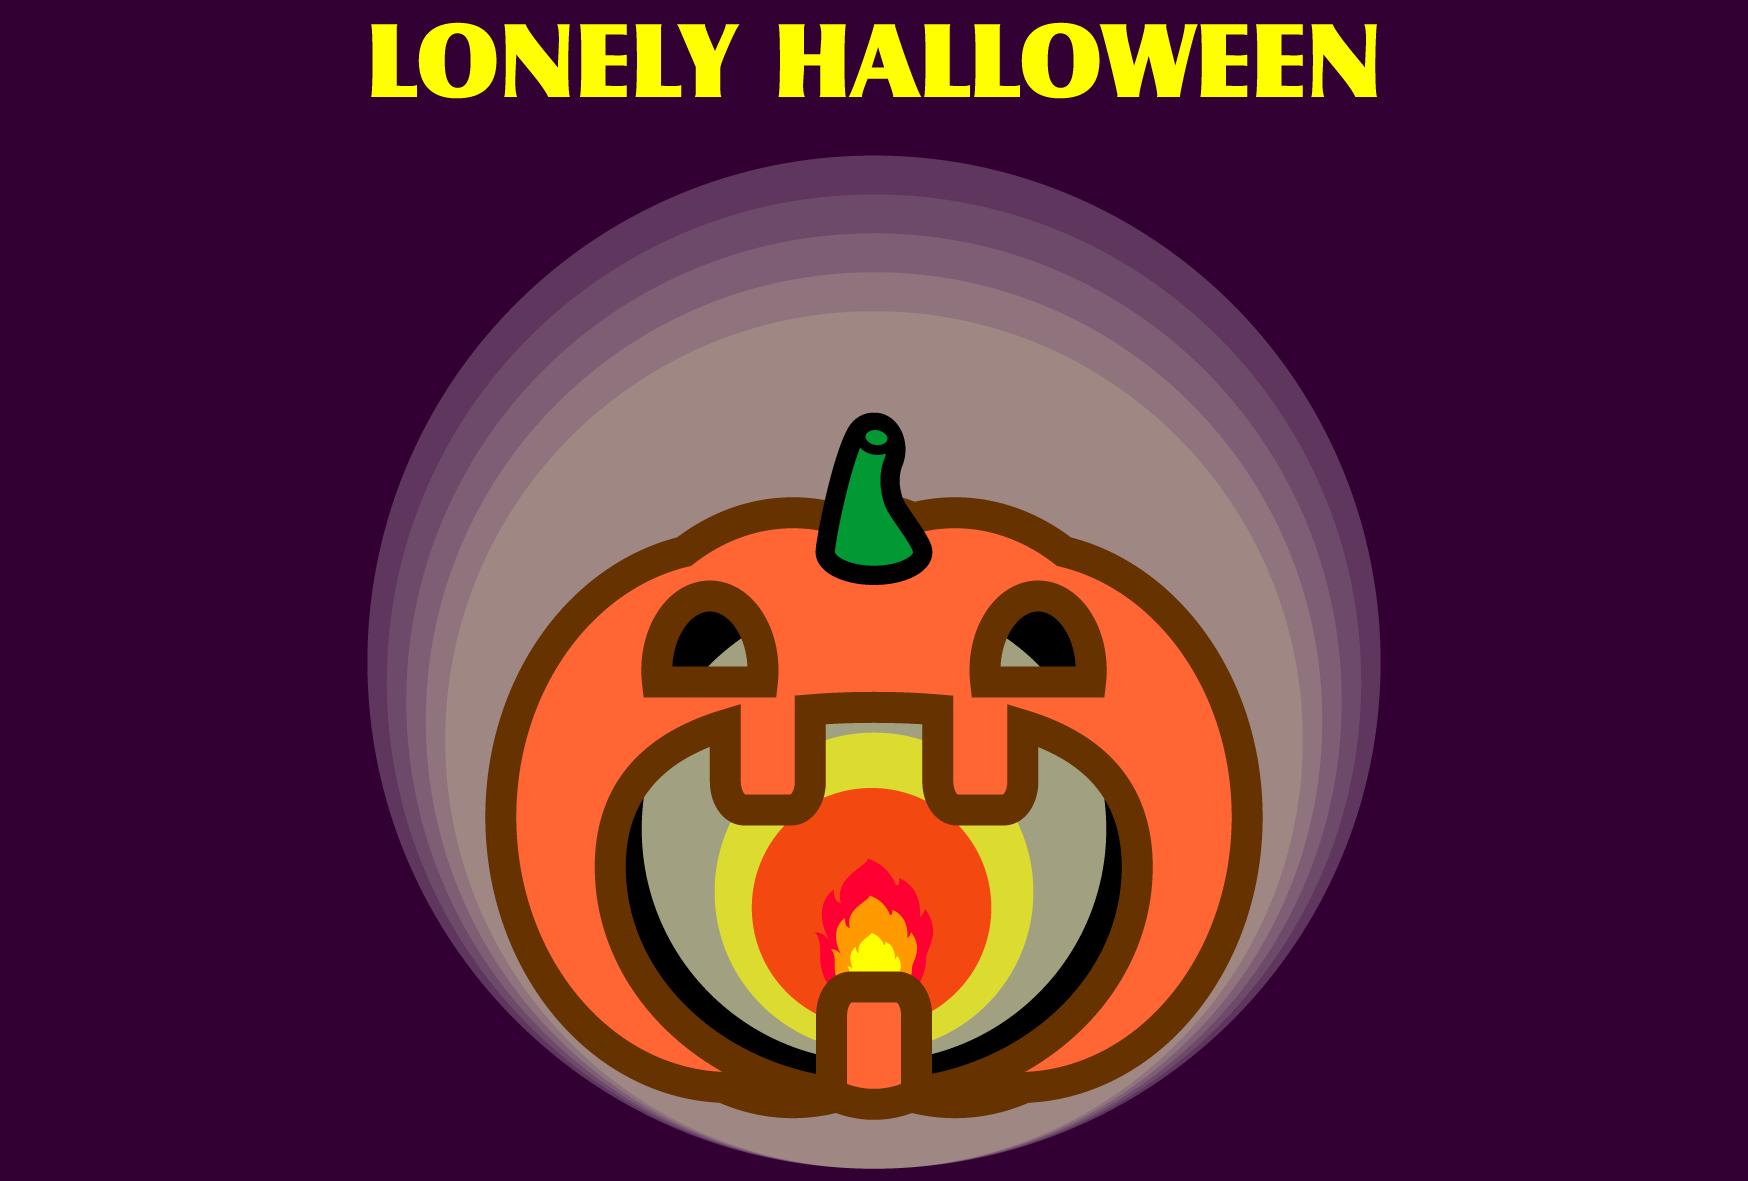 かわいいロンリーハロウィンメッセージカードの無料イラスト・商用フリー